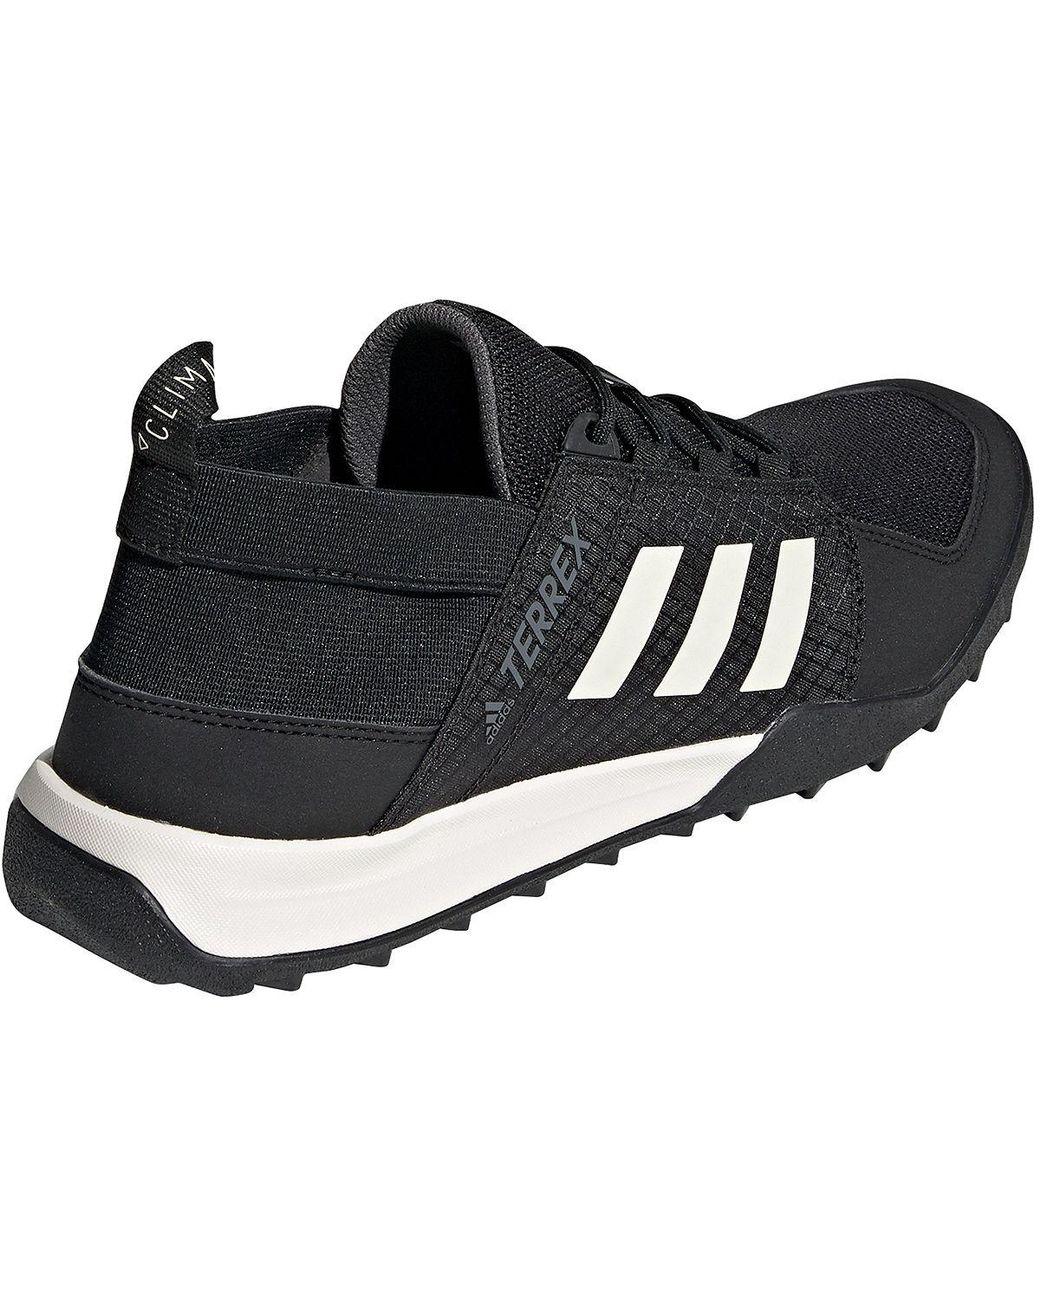 Men's Black Terrex Cc Daroga Water Shoe